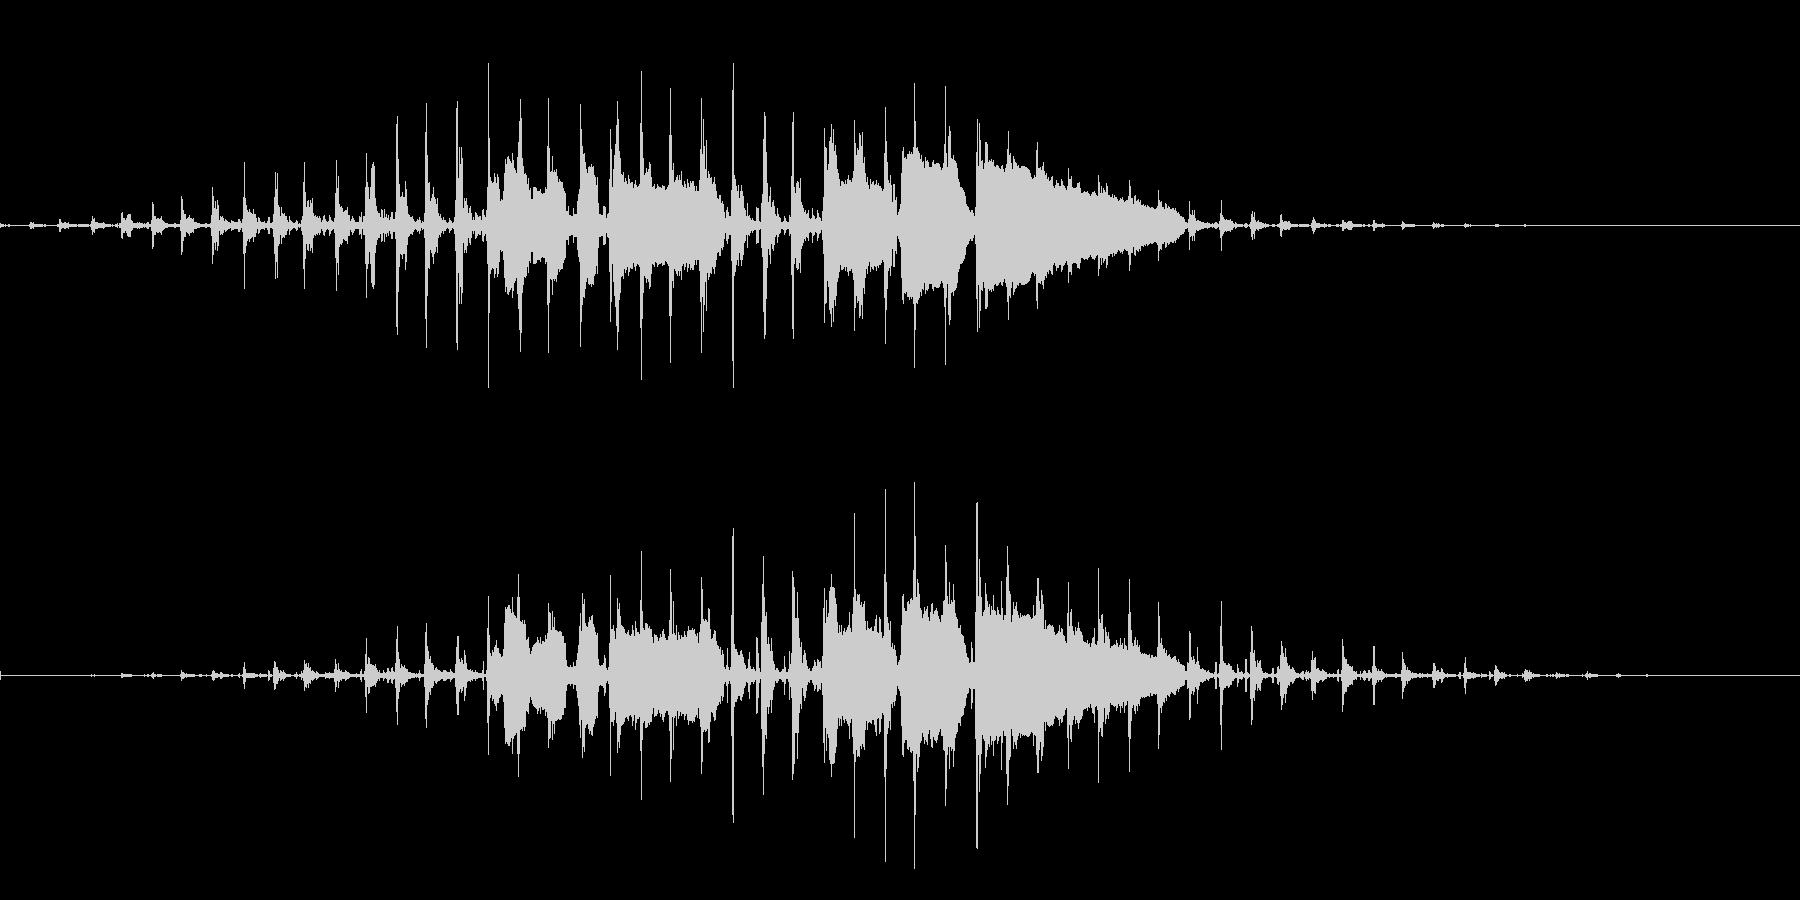 「メリークリスマス ホゥホゥホゥ」の未再生の波形